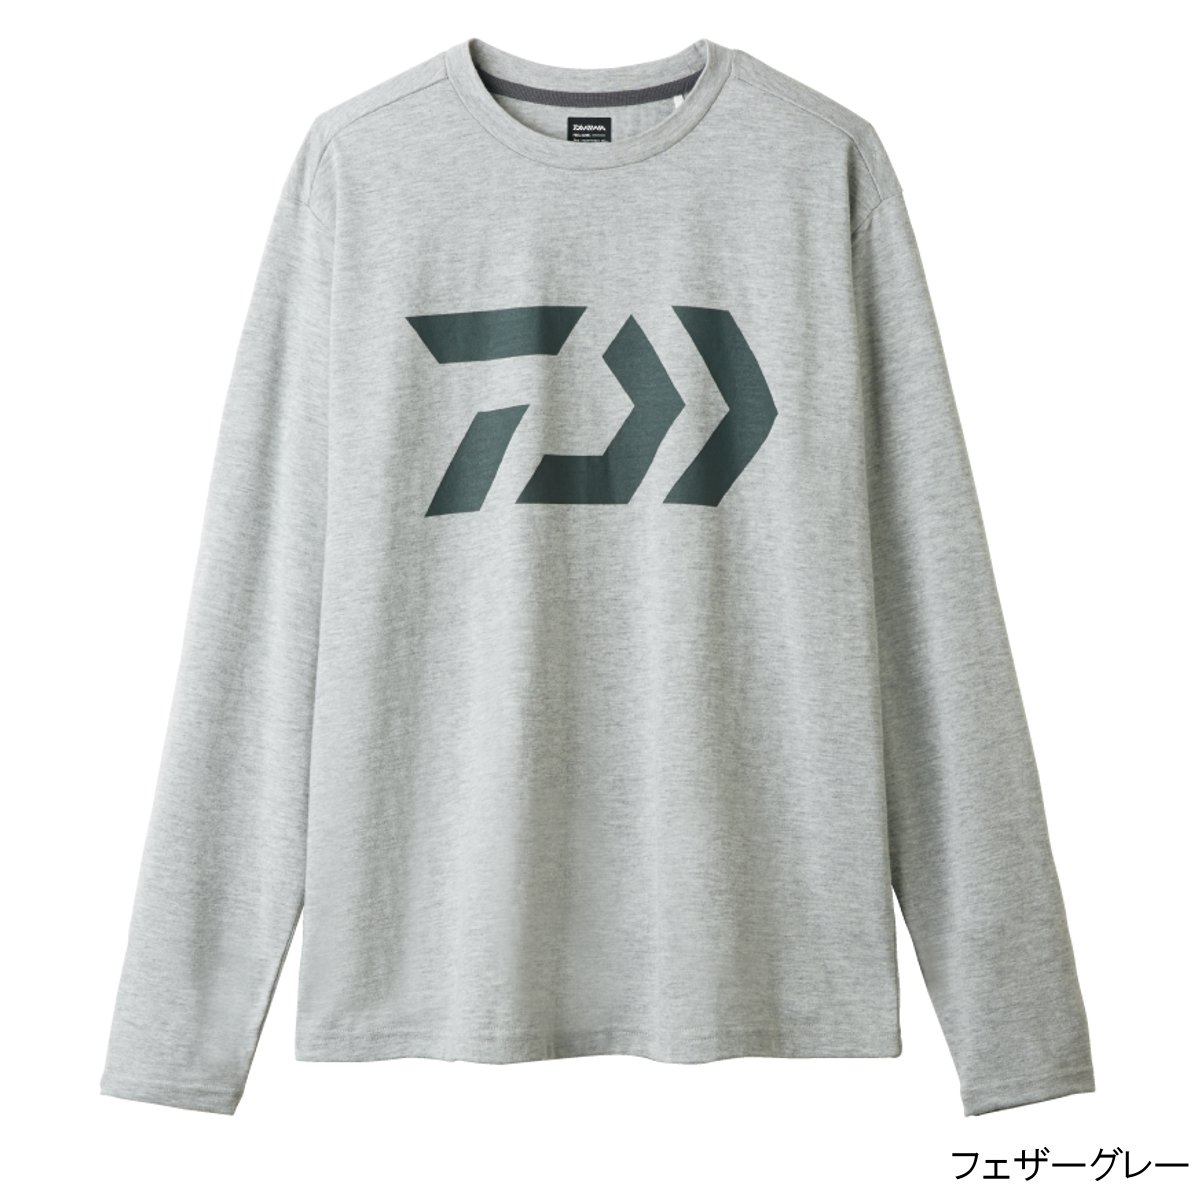 ダイワ ロングスリーブシャツ DE-8207 L フェザーグレー